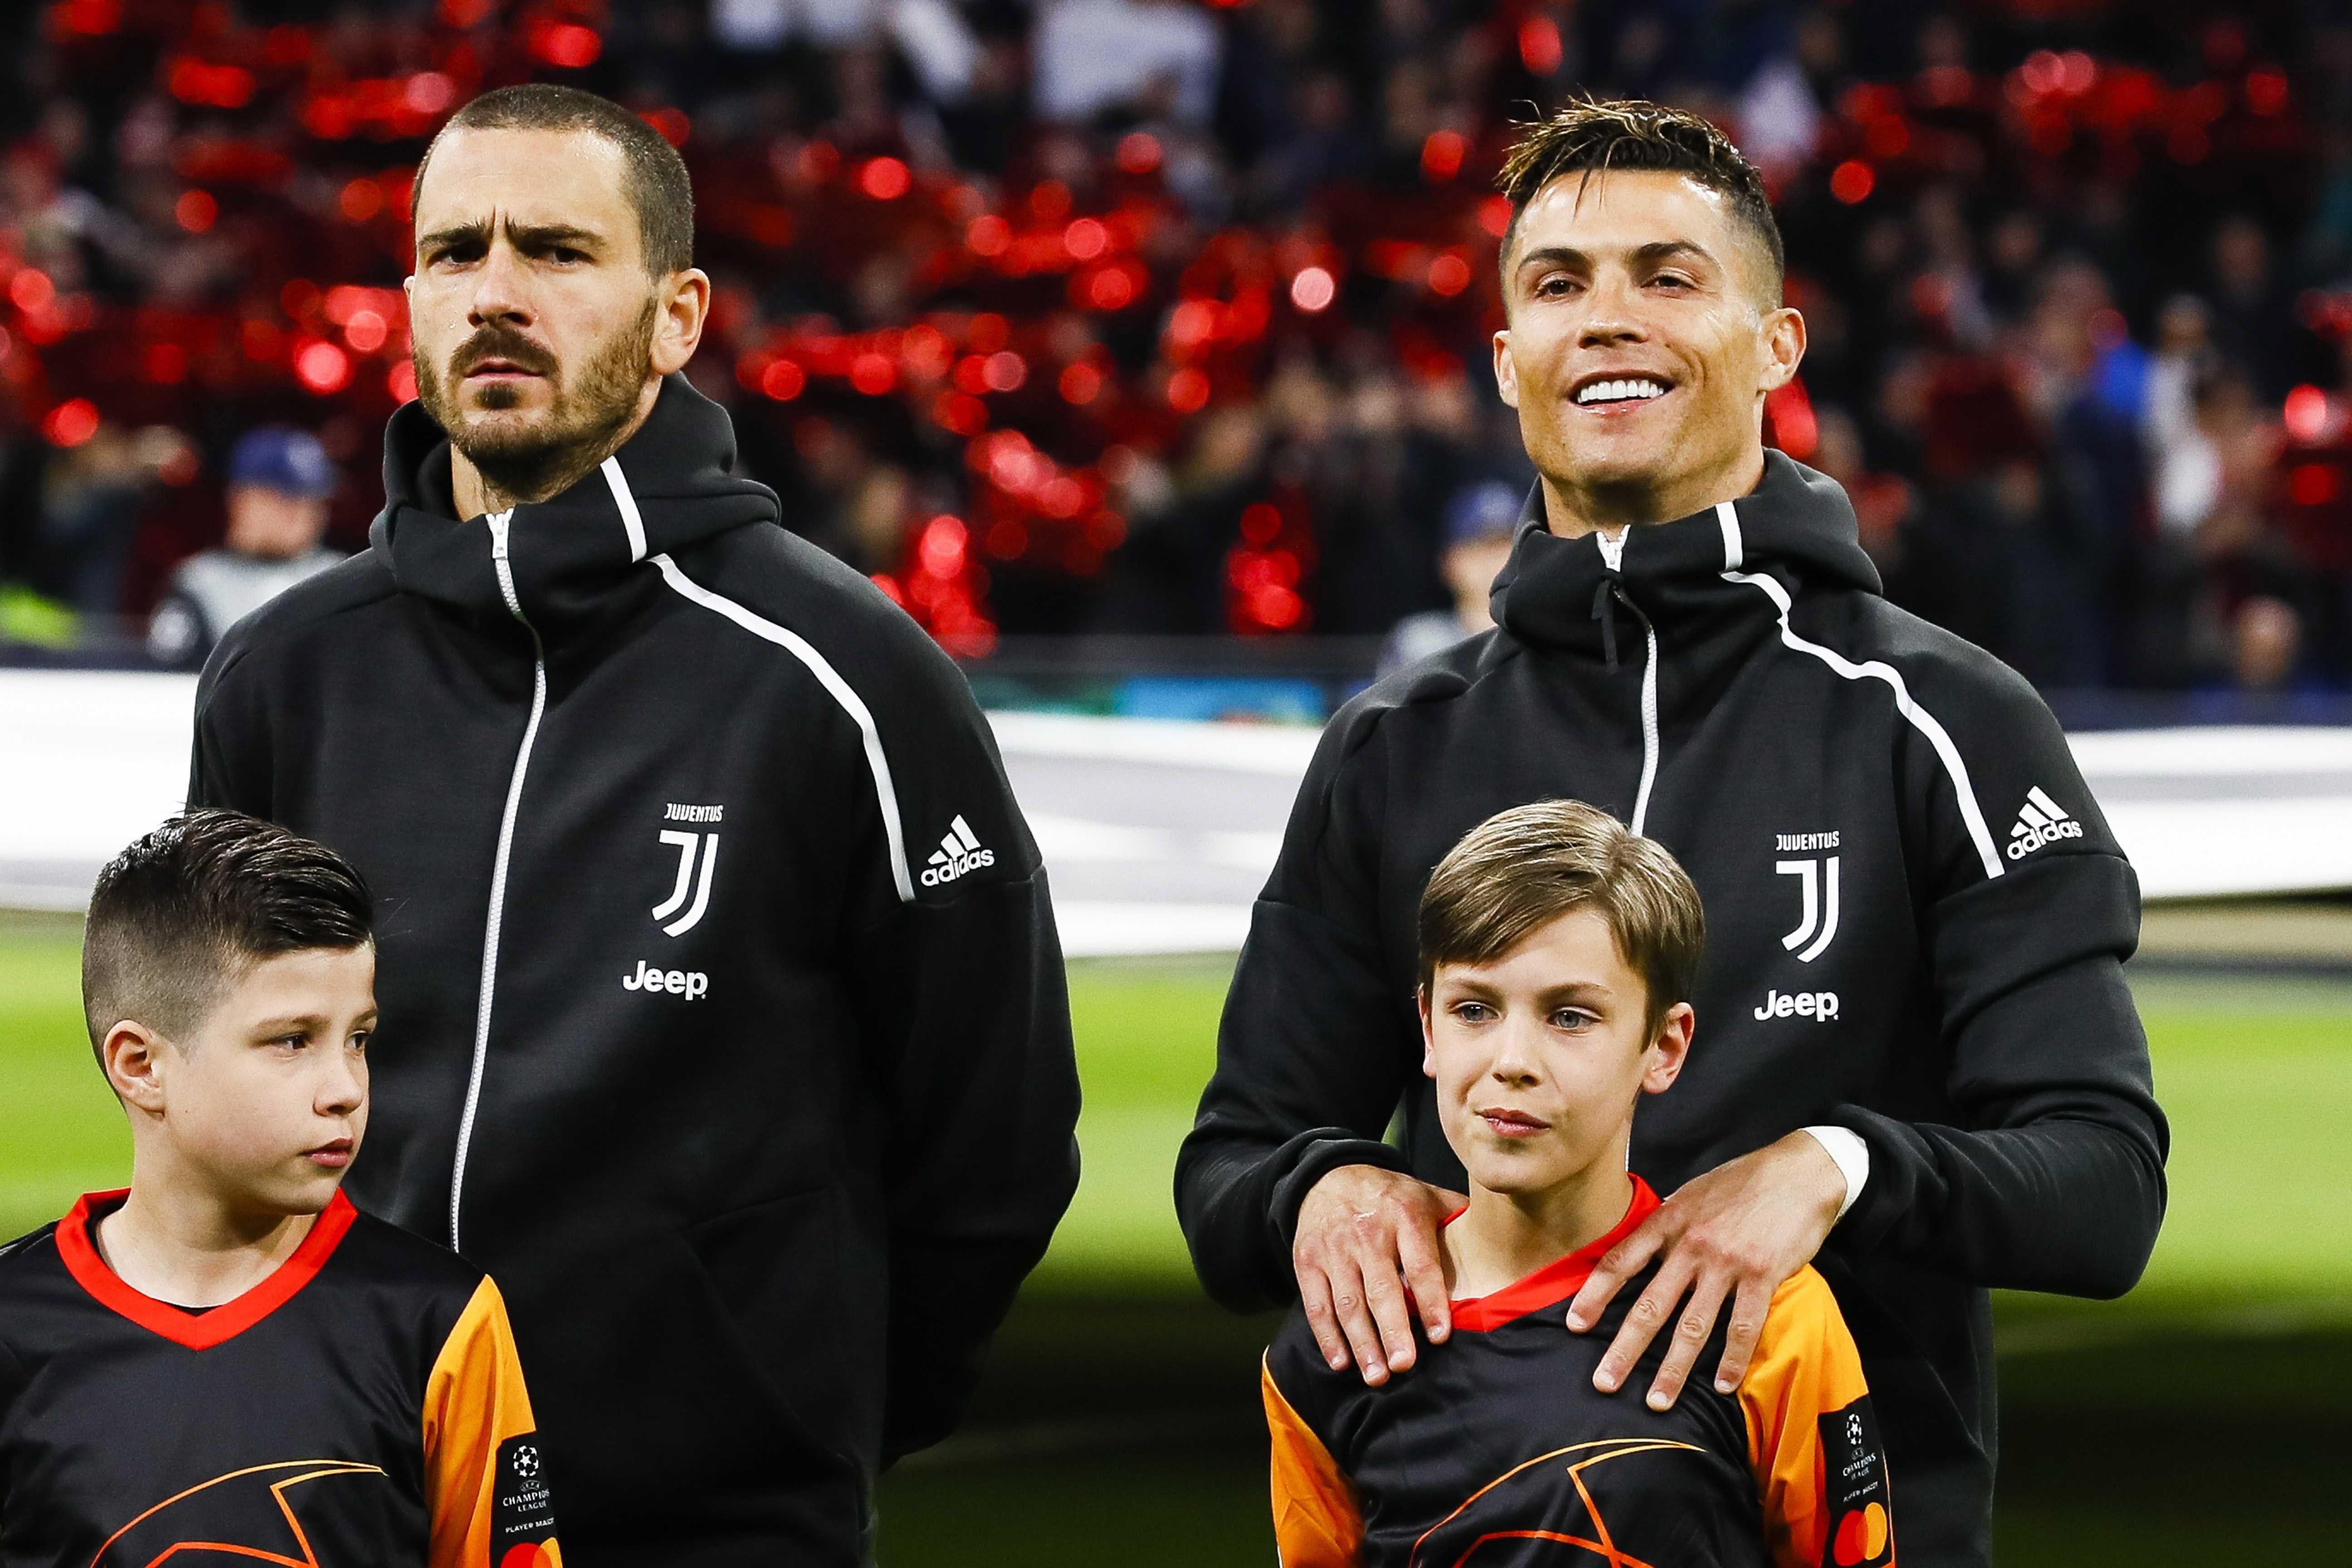 71794797. ÁMSTERDAM (HOLANDA), 10/04/2019.- Cristiano Ronaldo (d) y Leonardo Bonucci (i) de la Juventus escuchan el himno este miércoles, durante el partido de ida de cuartos de final de la Liga de Campeones UEFA, entre el Ajax Amsterdam y la Juventus FC, en Ámsterdam (Holanda). EFE/ Robin Van Lonkhuijsen